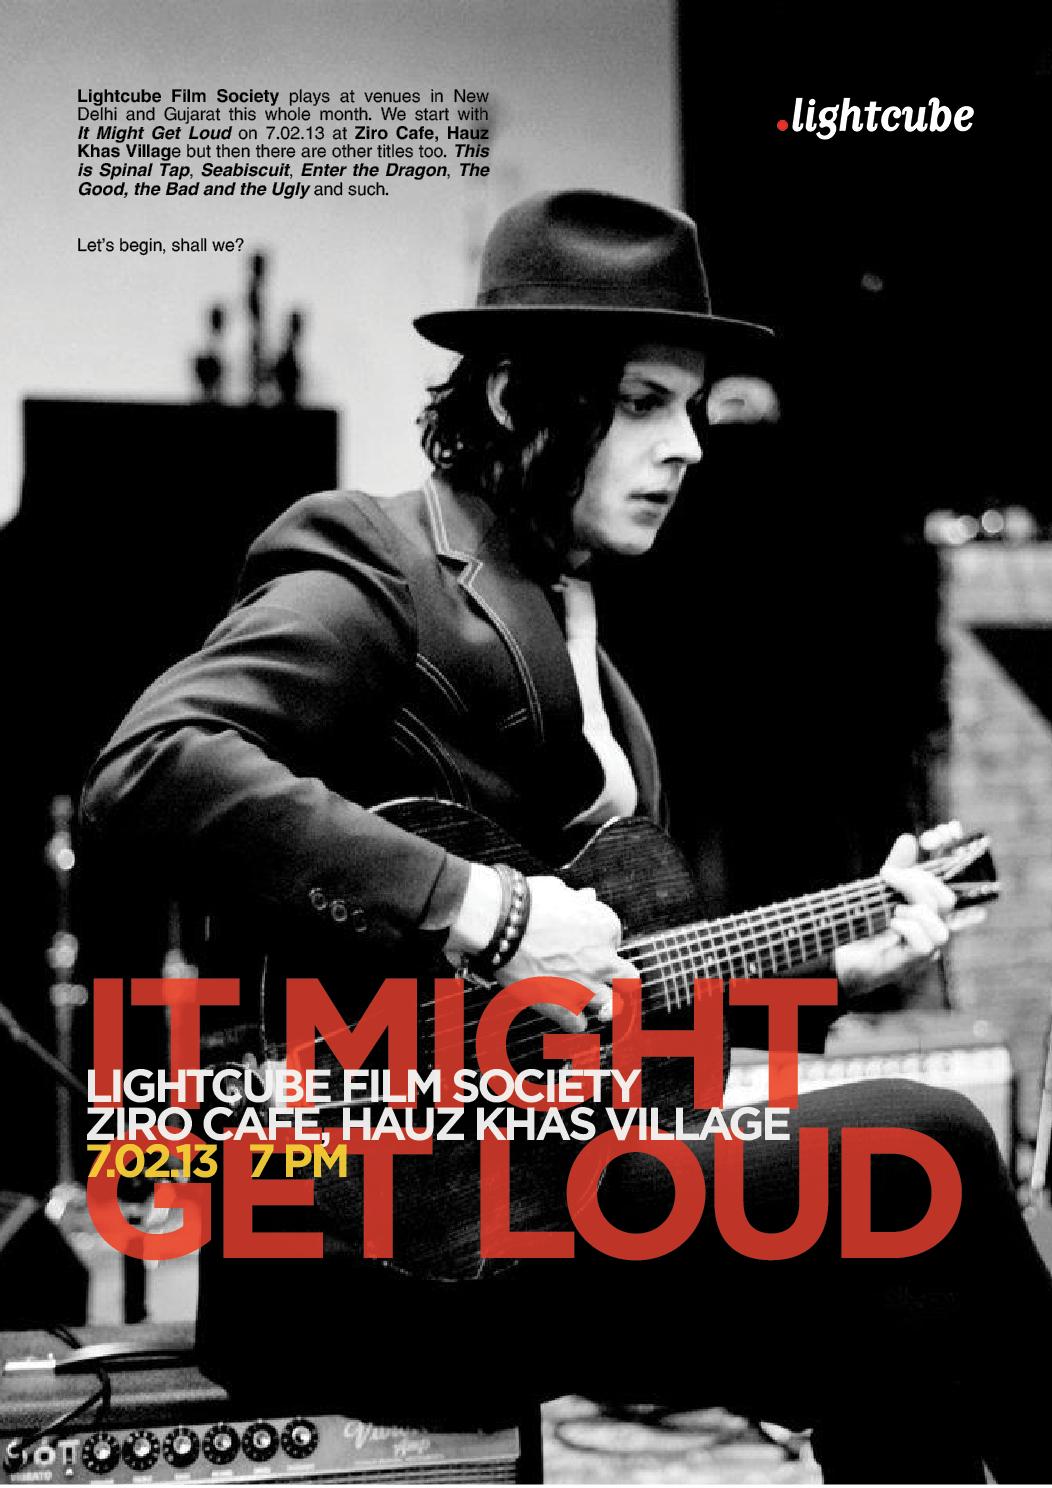 Ziro, Rockumentaries, Feature 1, February 2013